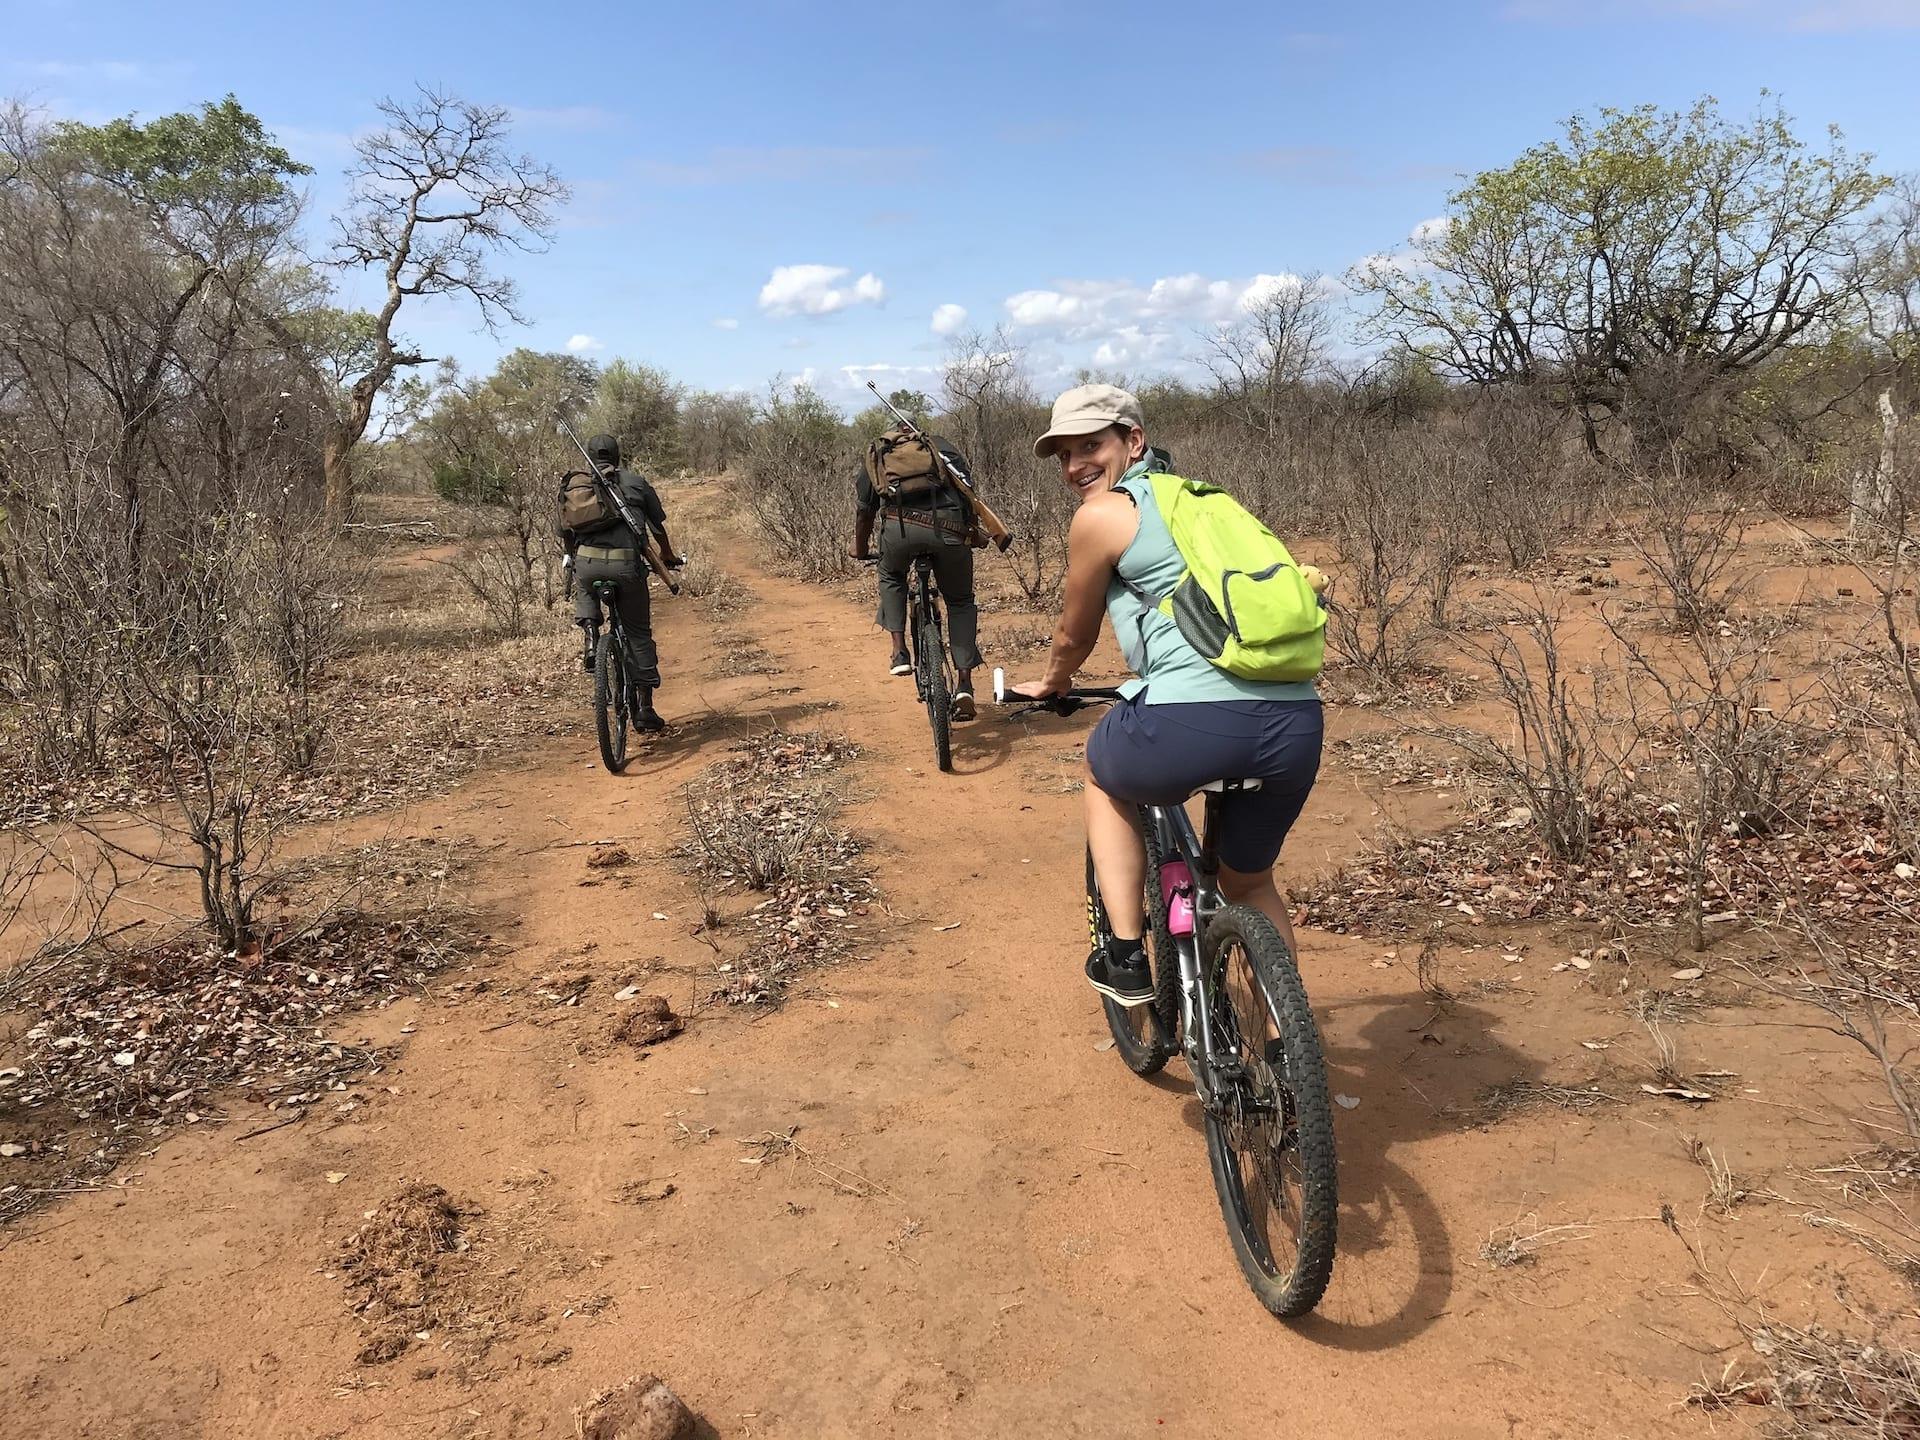 ACTIEF - ALGEMEEN - ZA - Kruger - Mountain bike excursion - lein 2